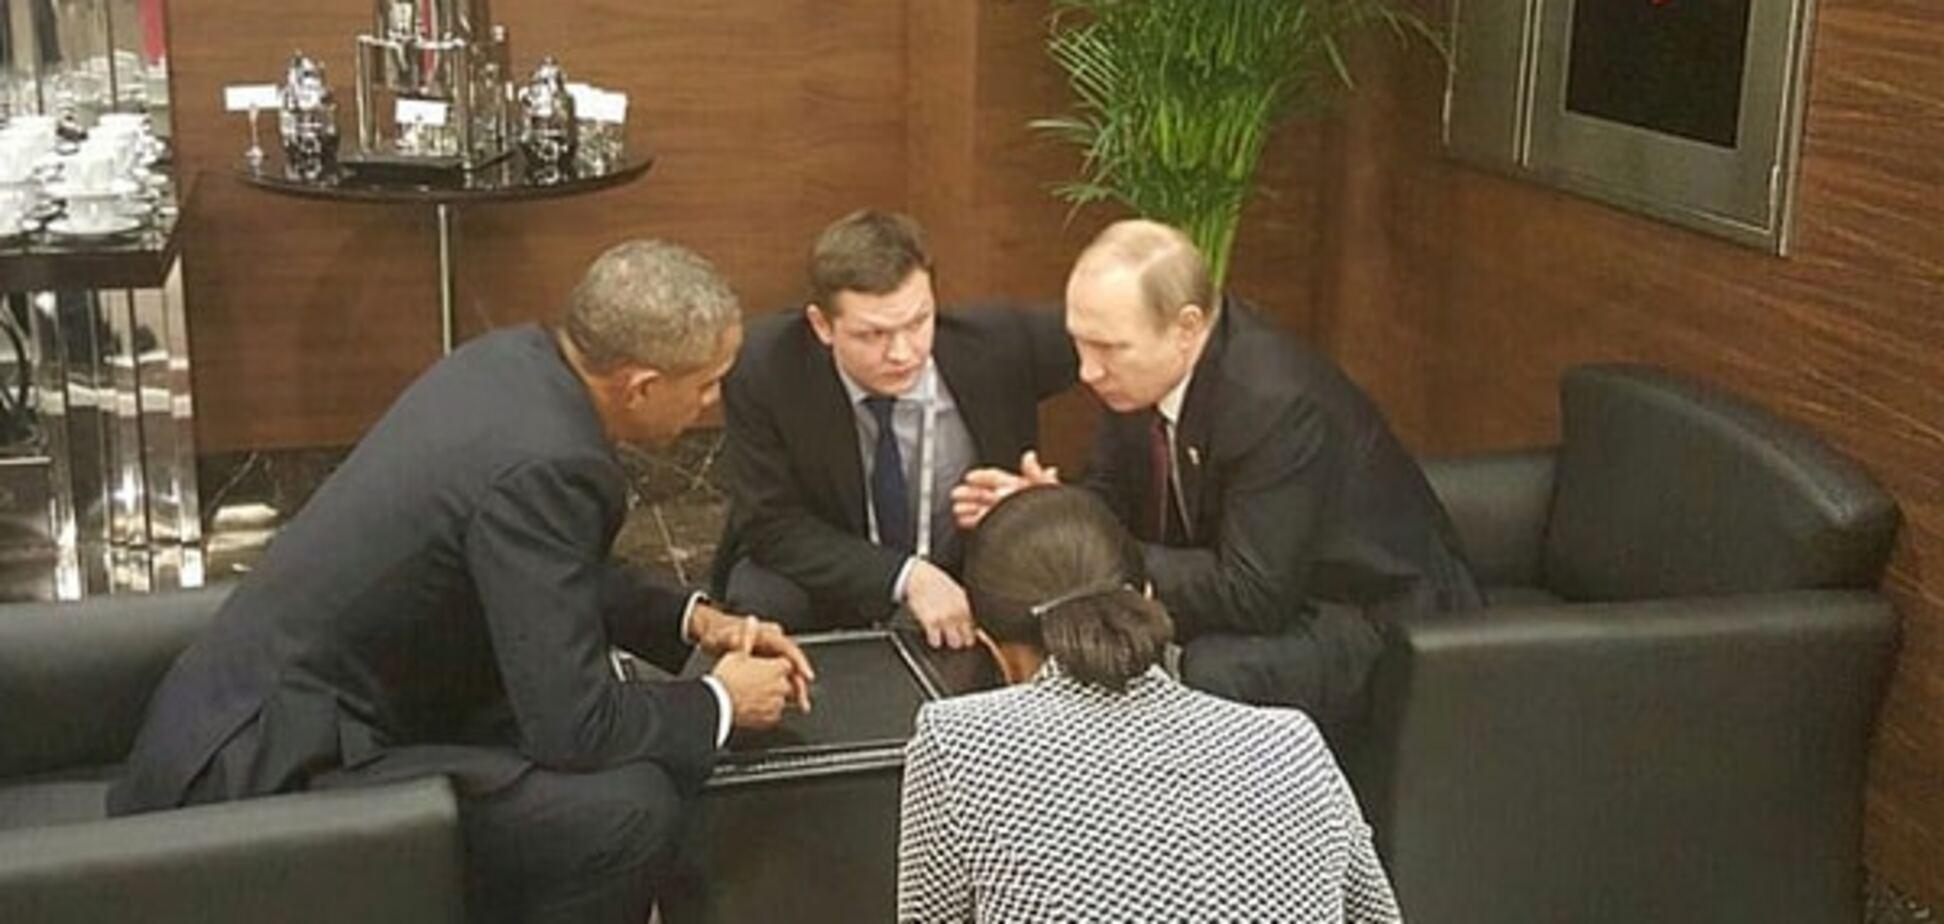 Примостились в уголке: Обама с Путиным переговорили в холле G20. Видеофакт